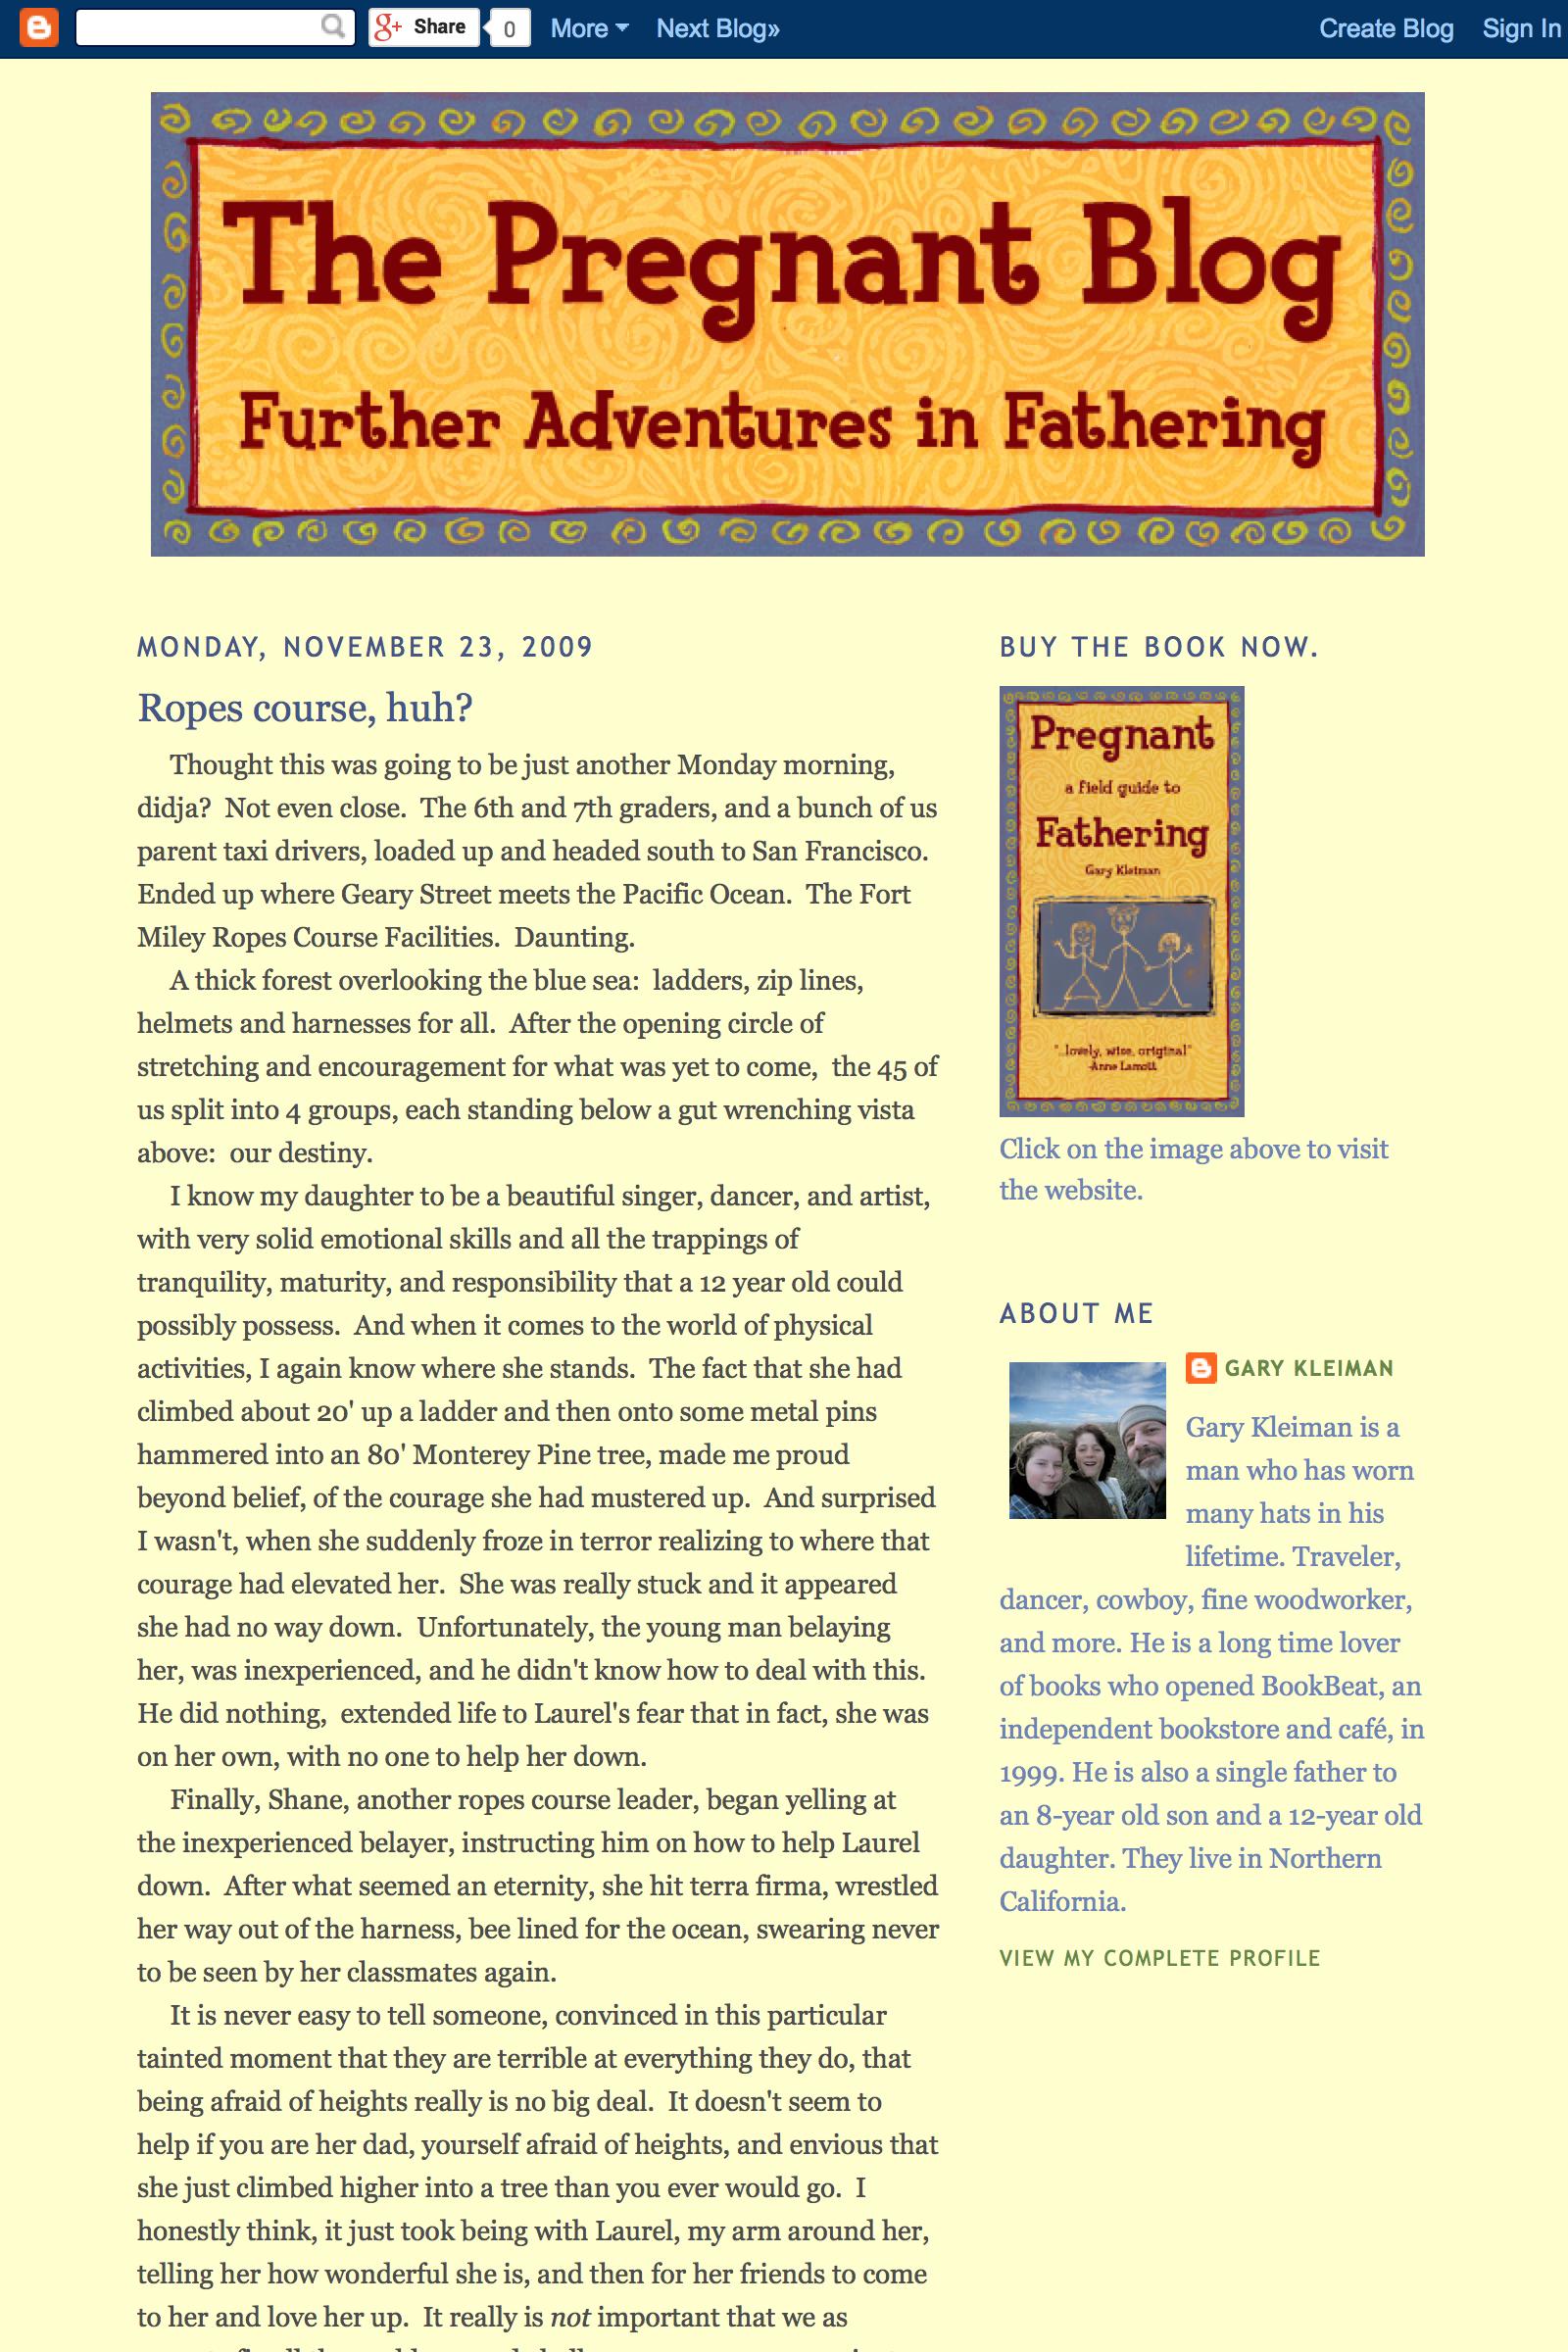 http---fatheringfieldguide.blogspot.com-(20140406).png